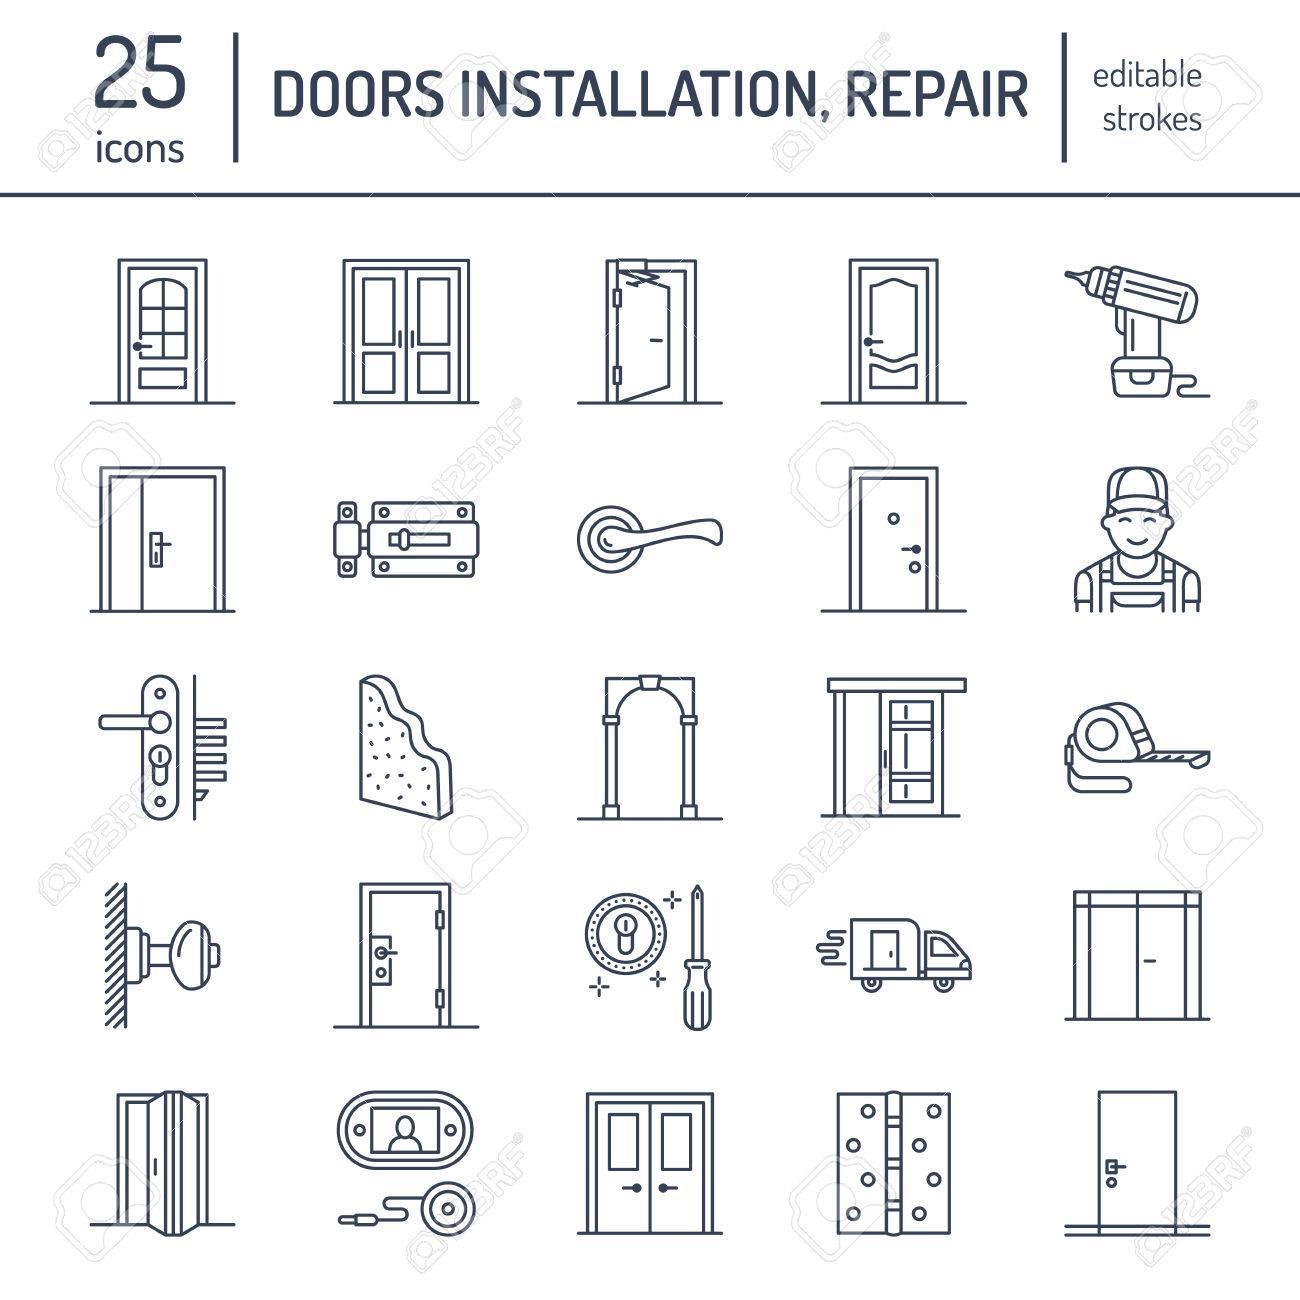 Doors installation repair line icons. Various door types handle latch lock